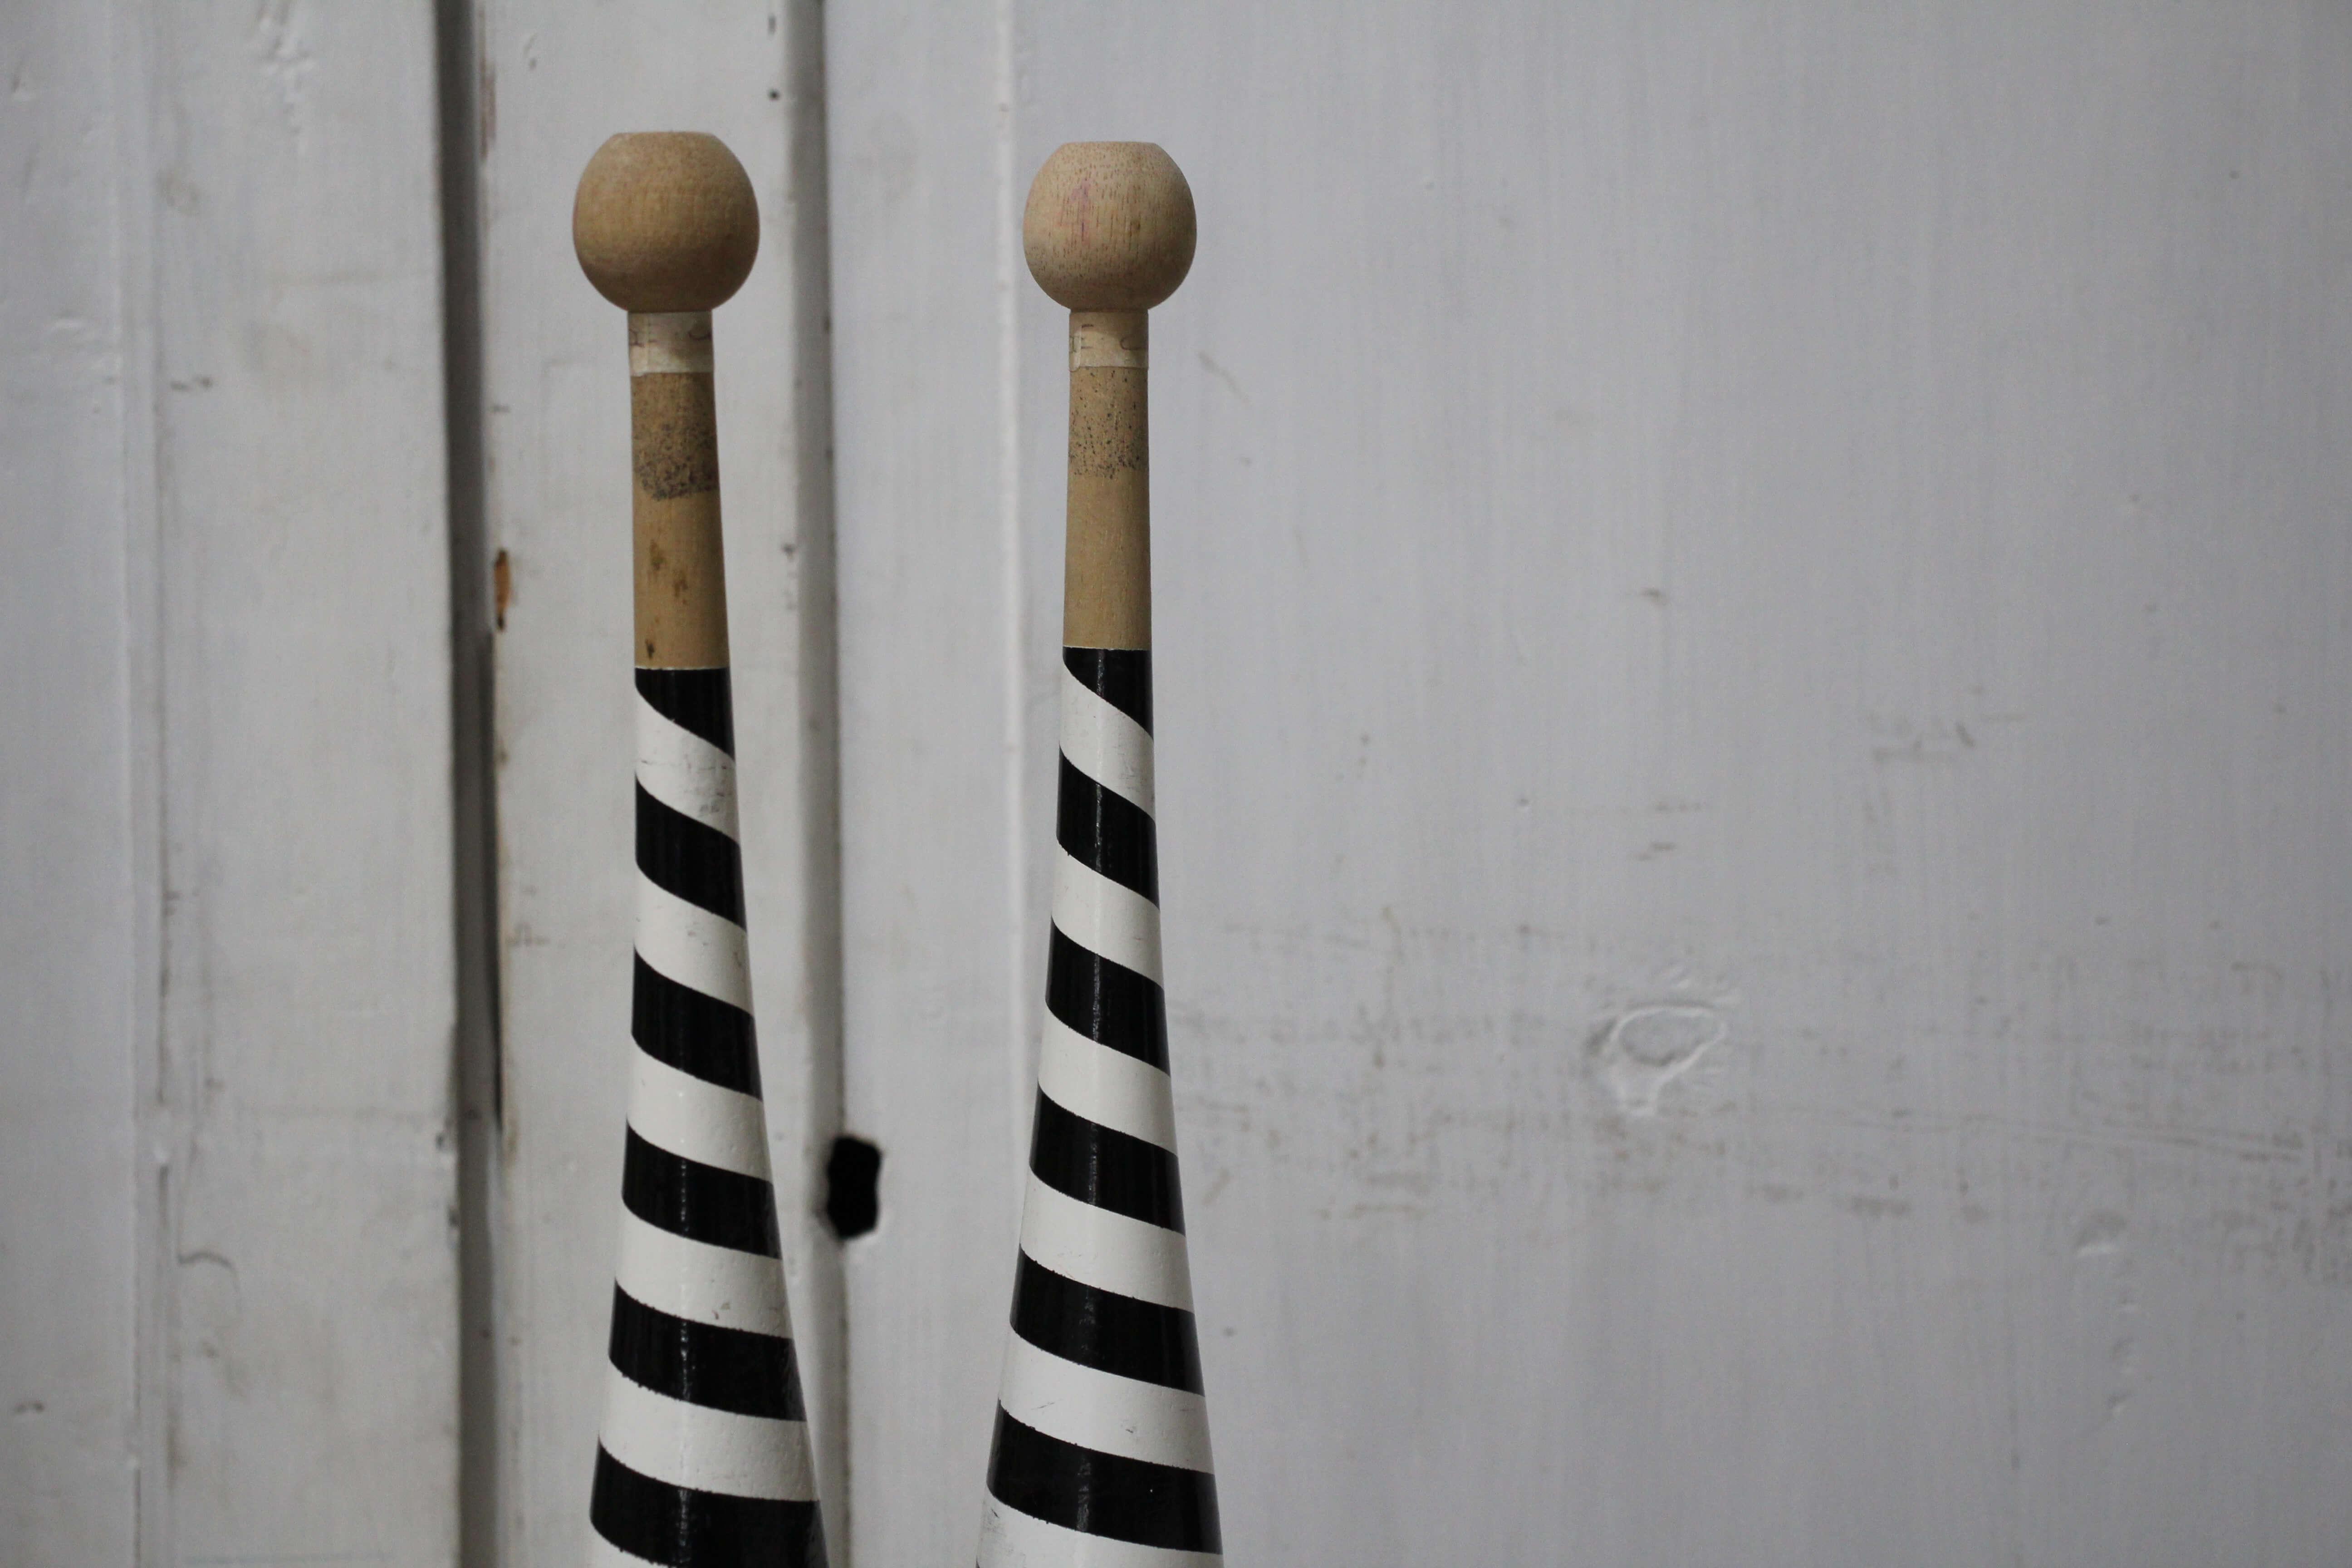 Juggling Batons